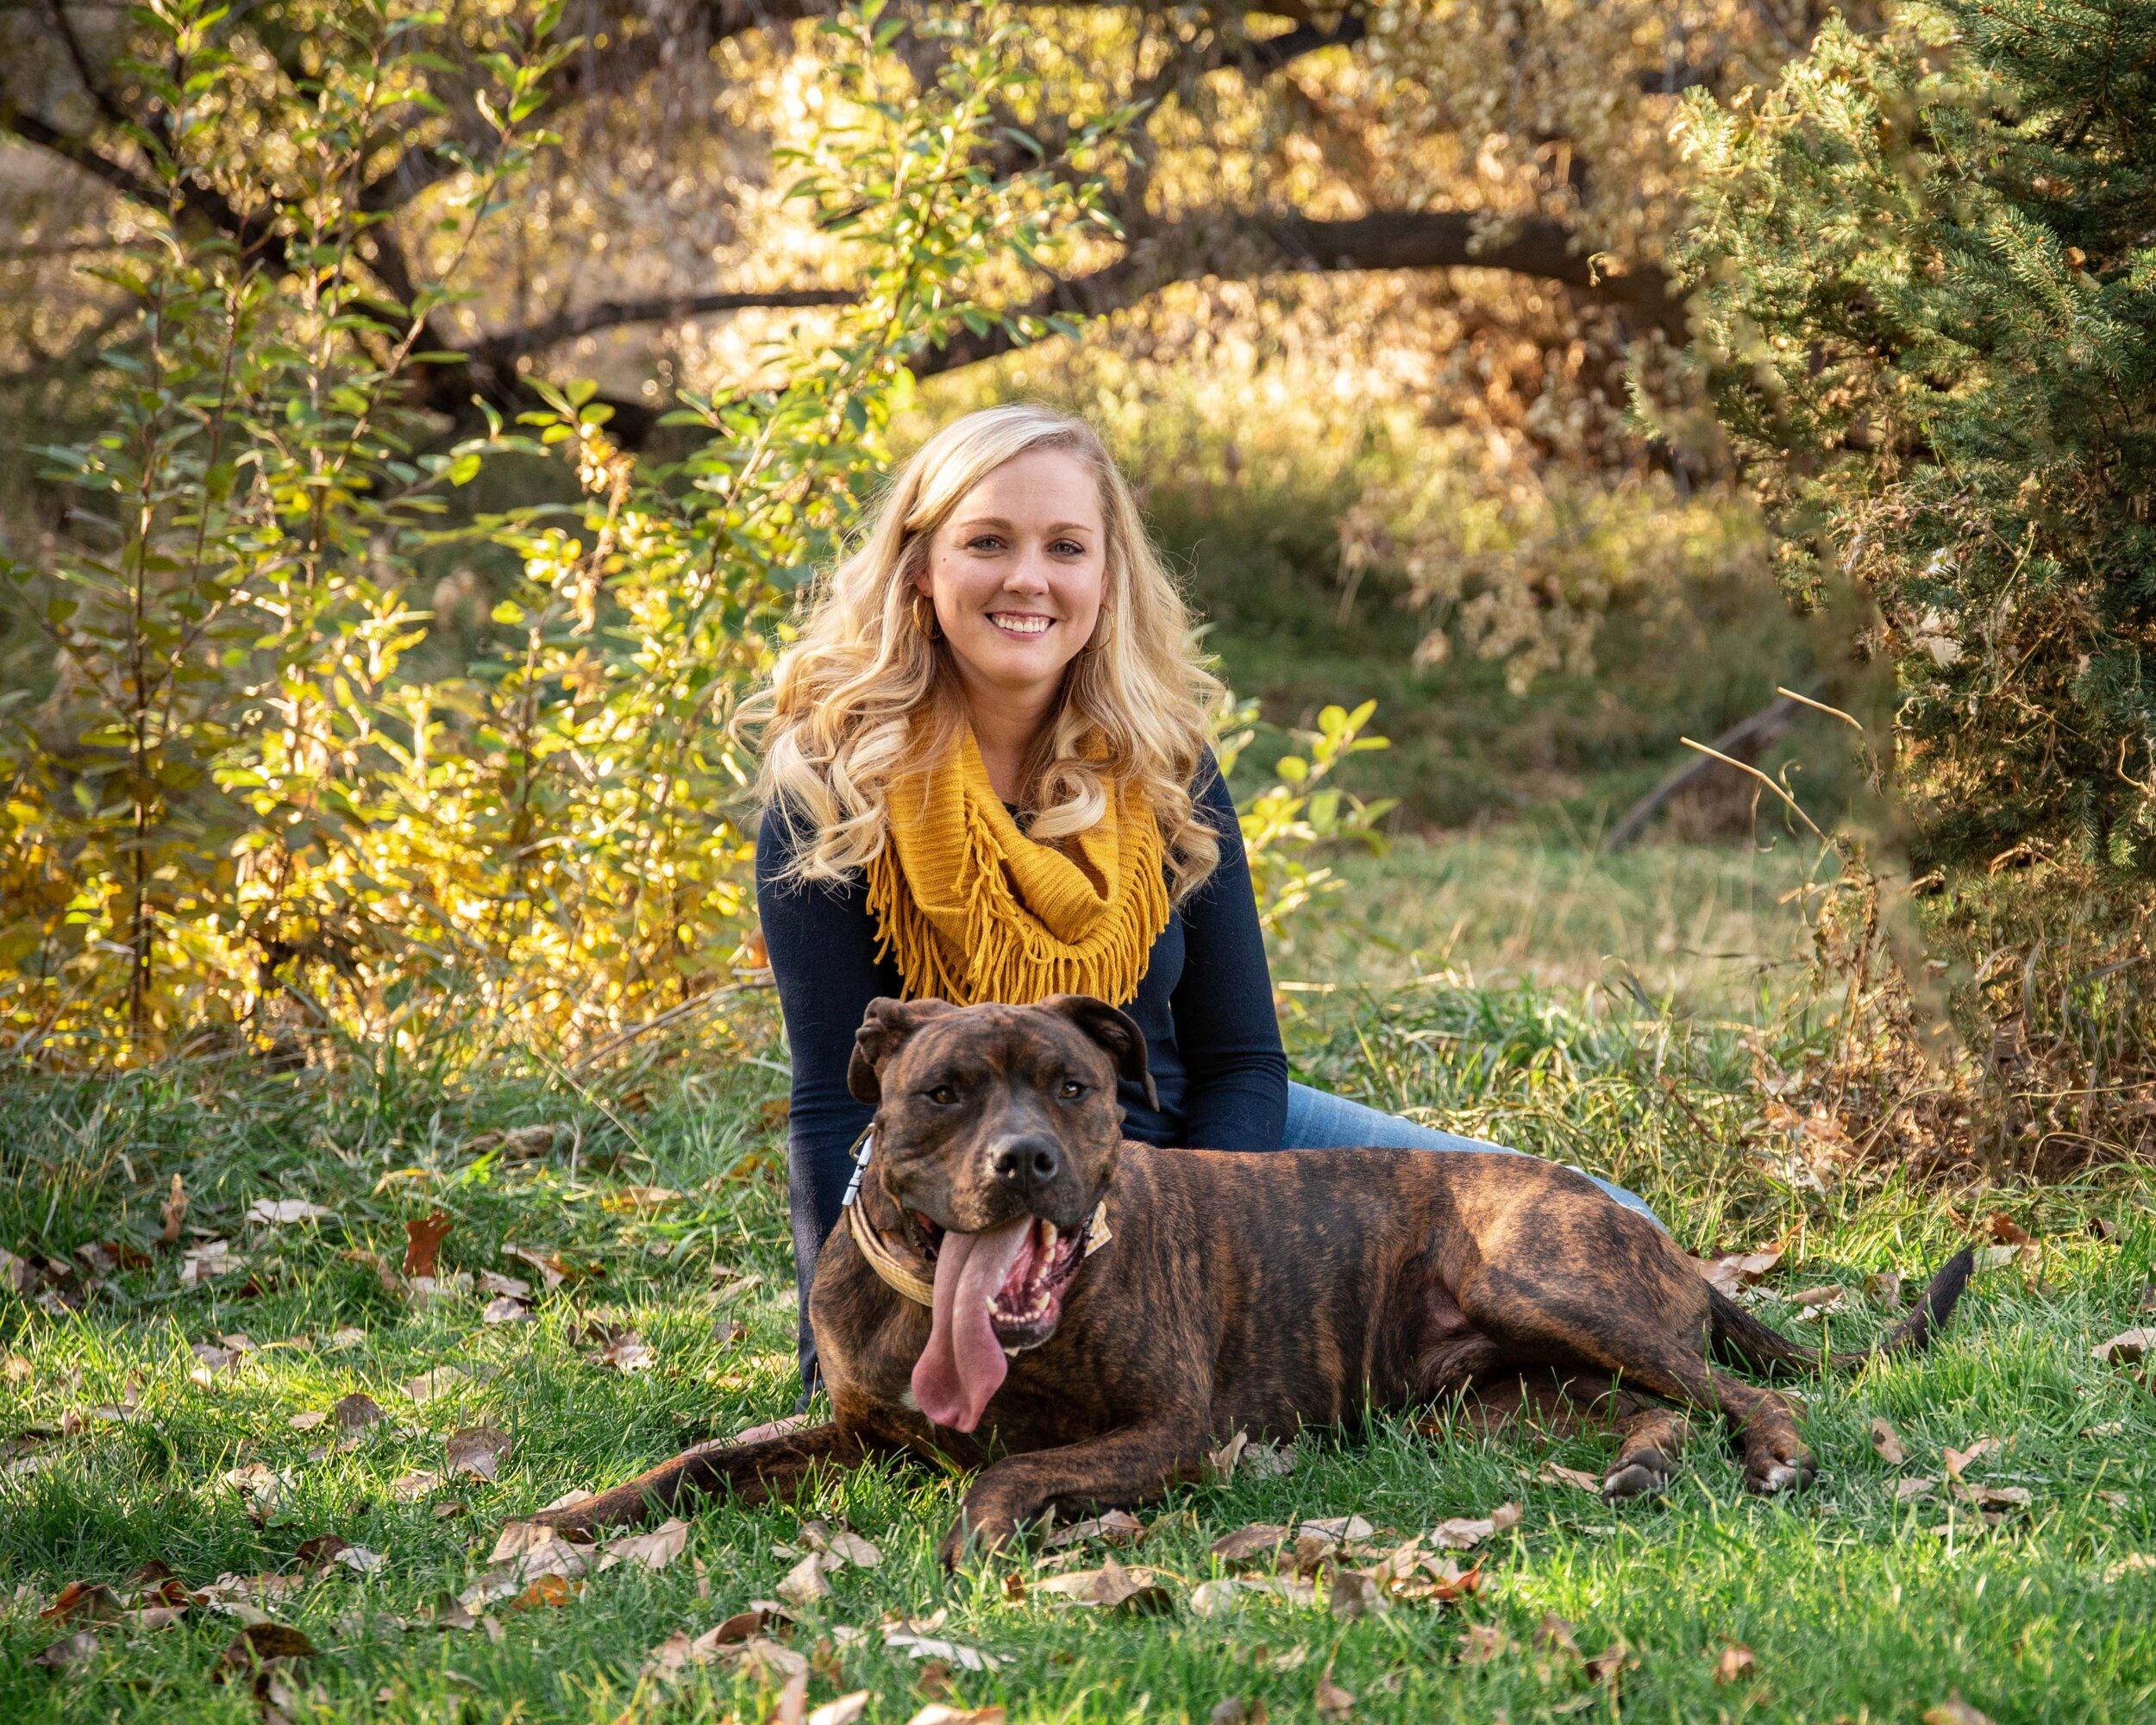 womand and dog.jpg